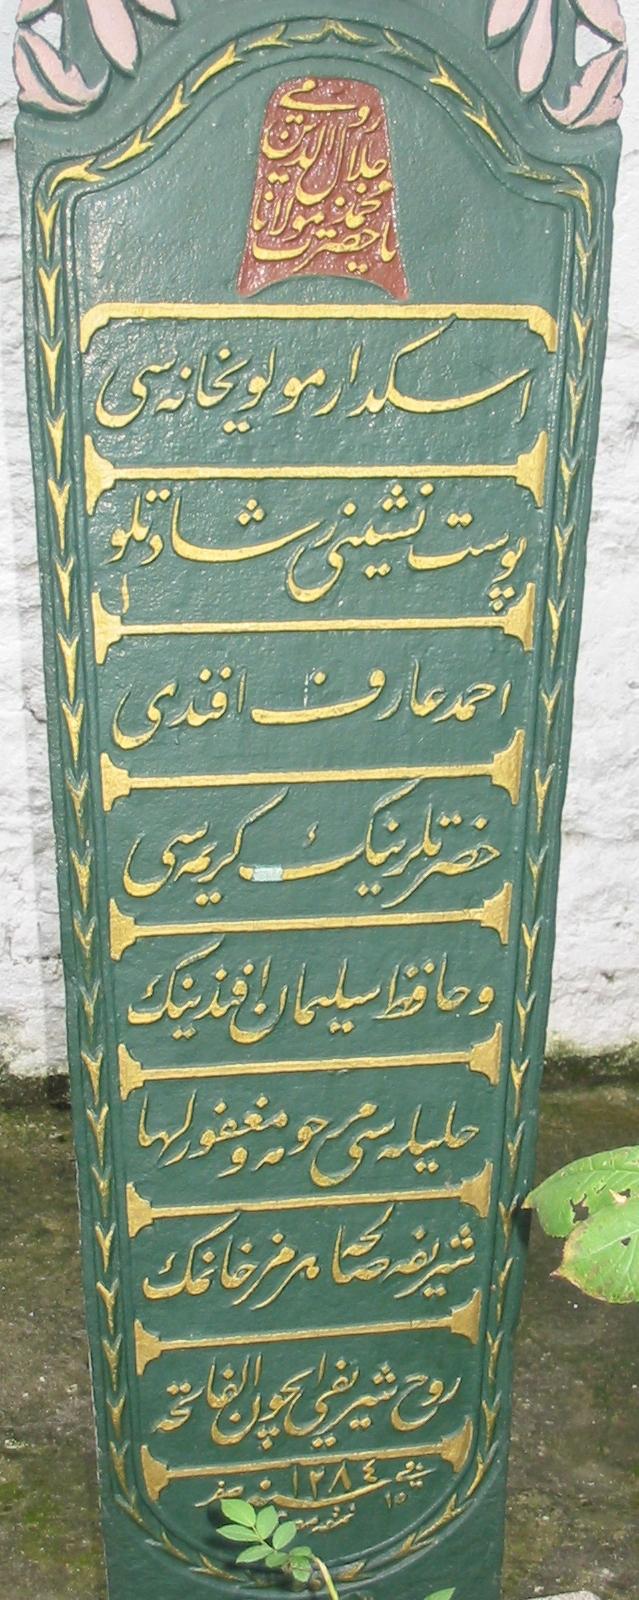 Osmanlıca mezar taşı kitabeler TÂrık İleri, tarık ileri ısparta Osmanlıca bilmek okumak imtiyazdır